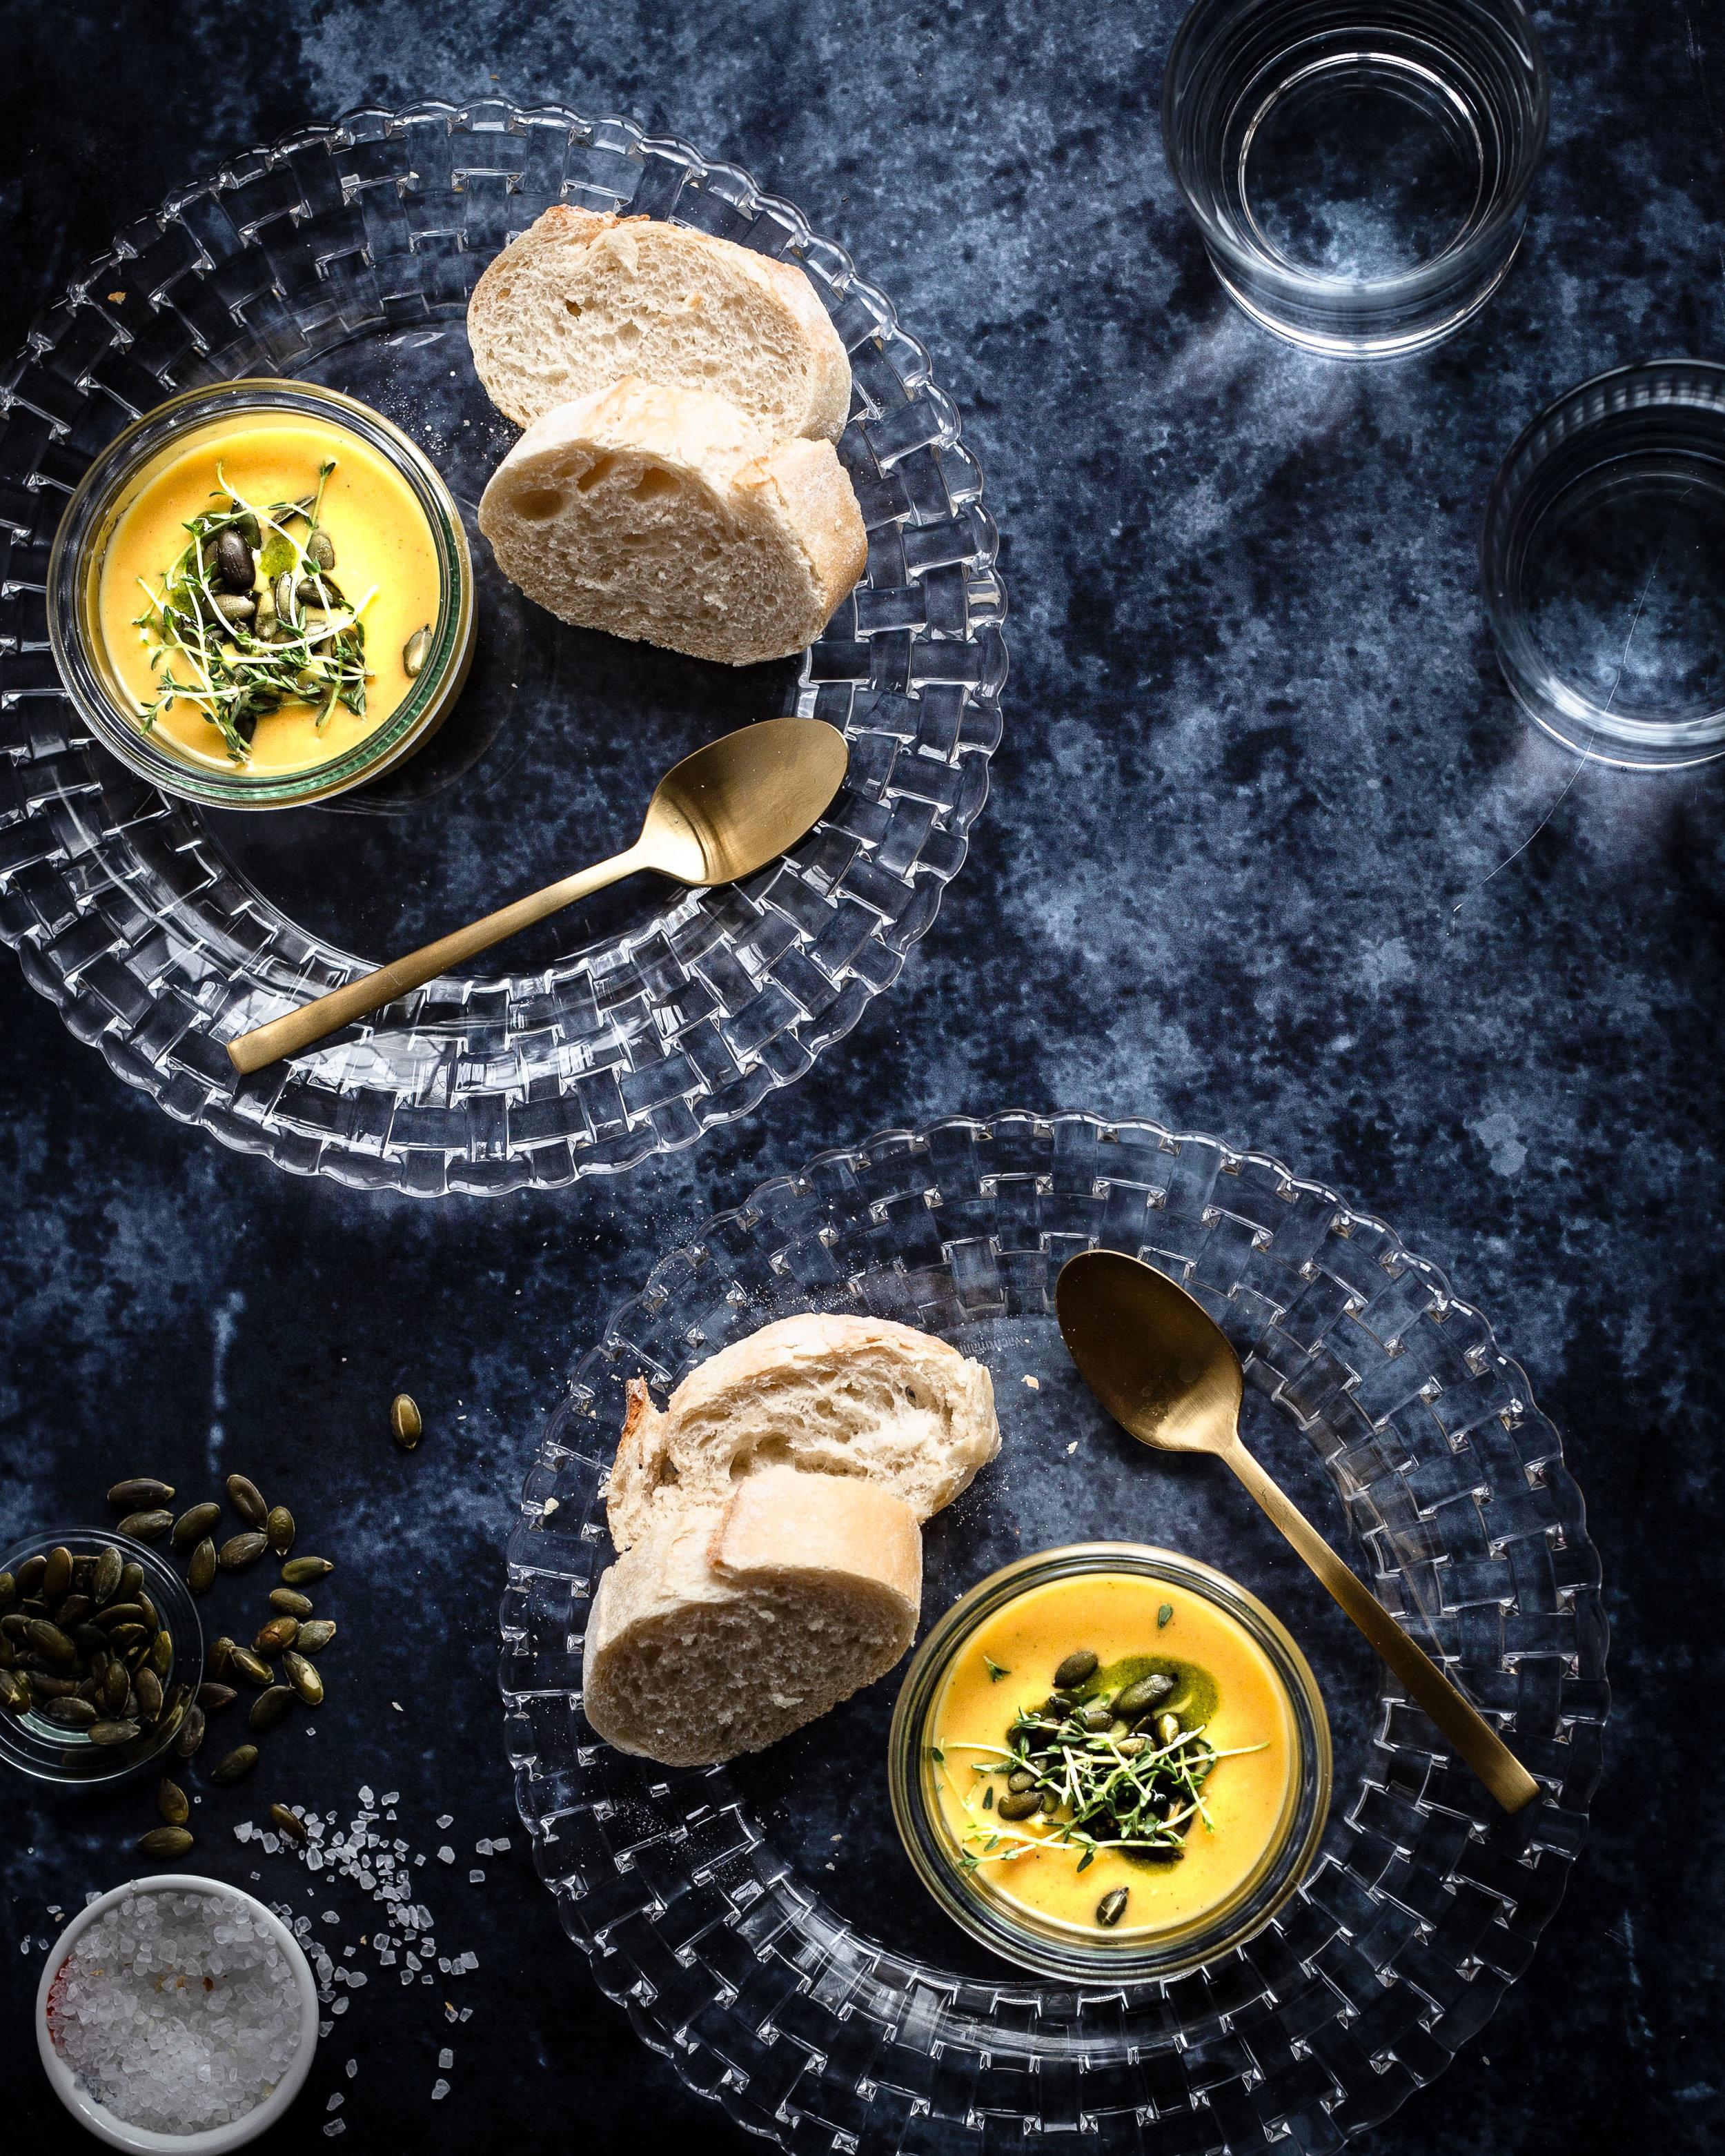 Brot und Oliven neu-0072.jpg